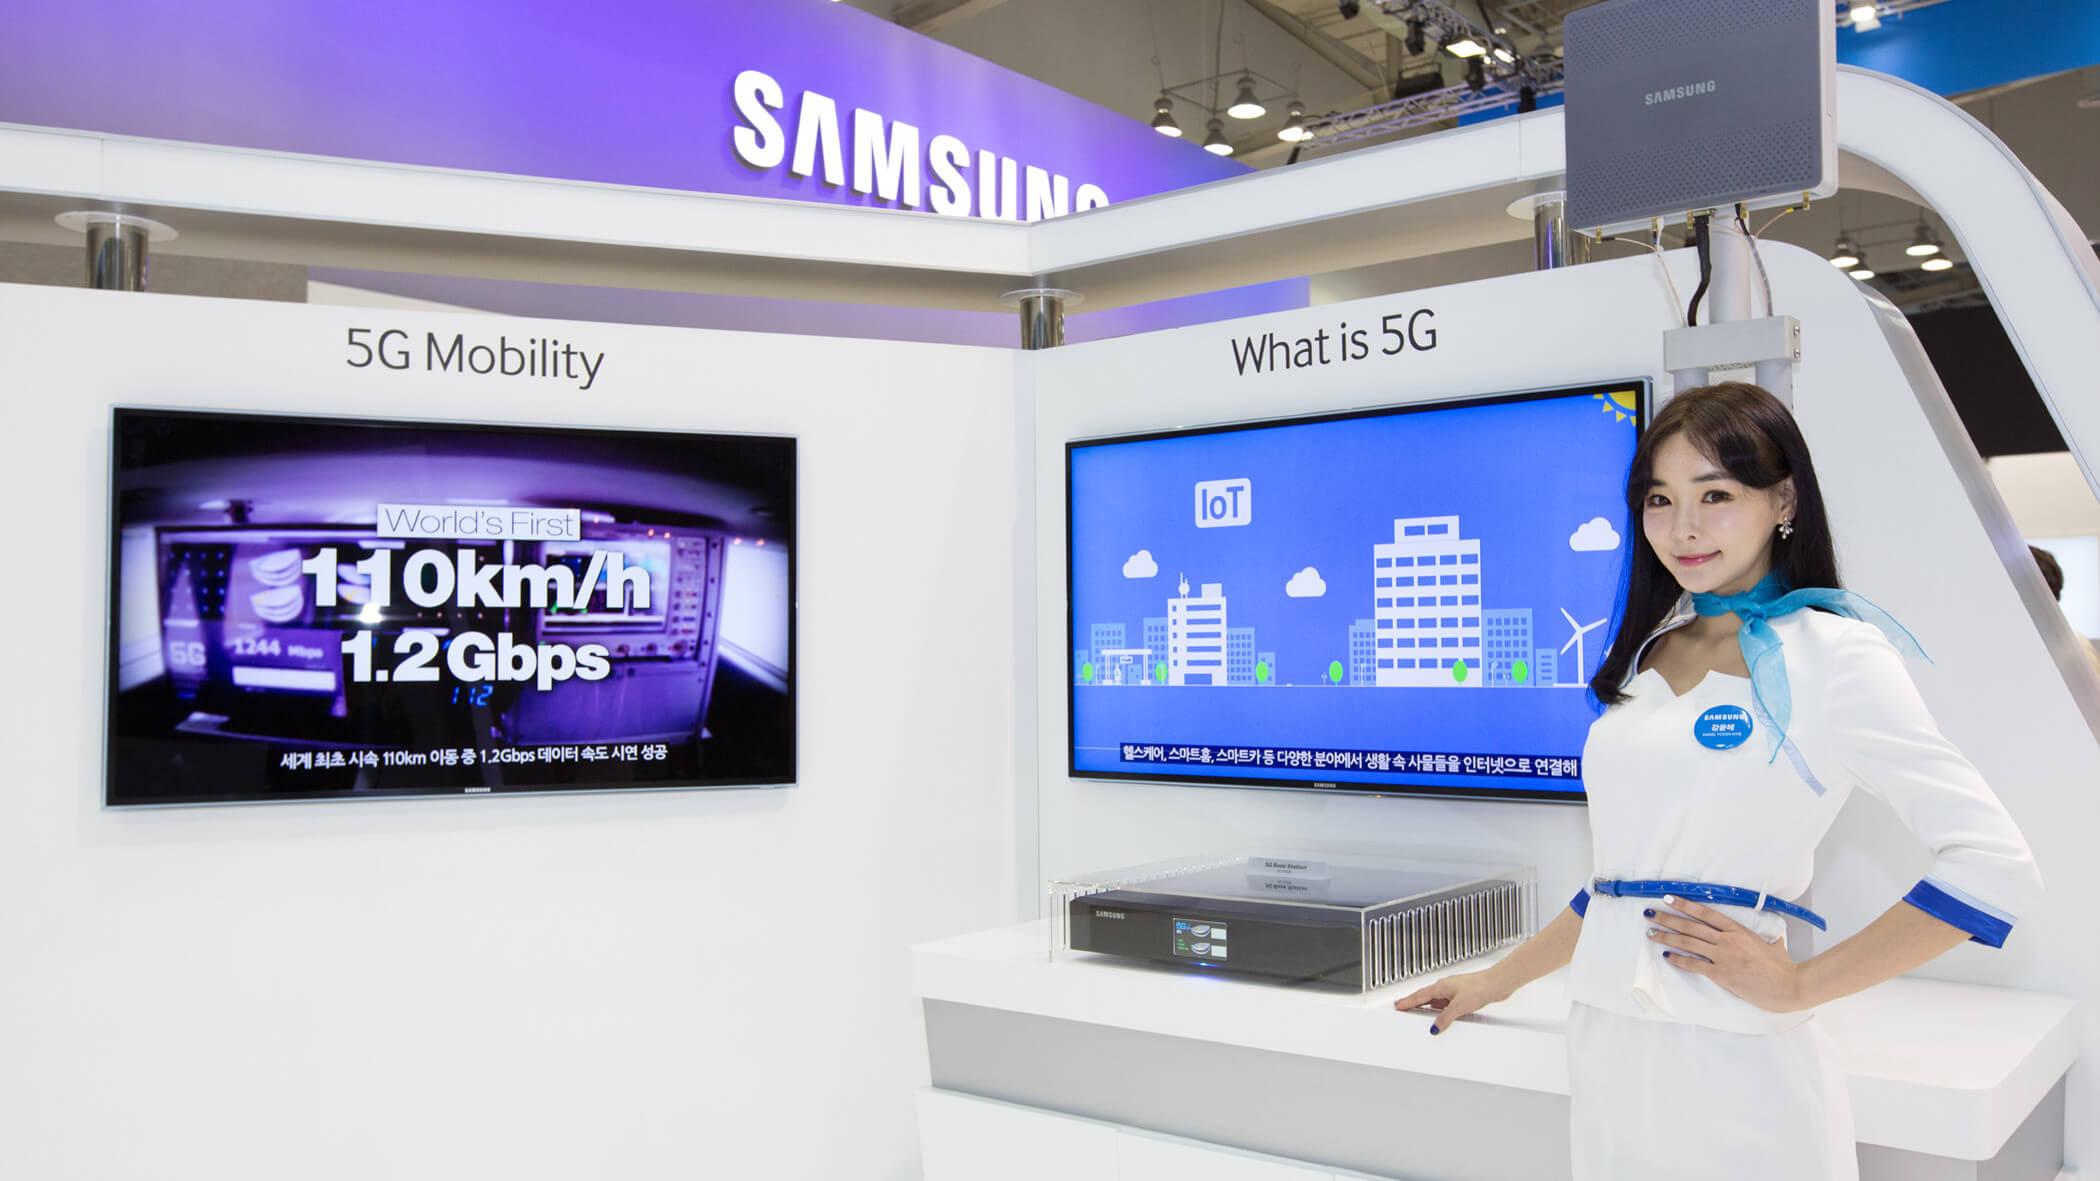 Samsung 5G